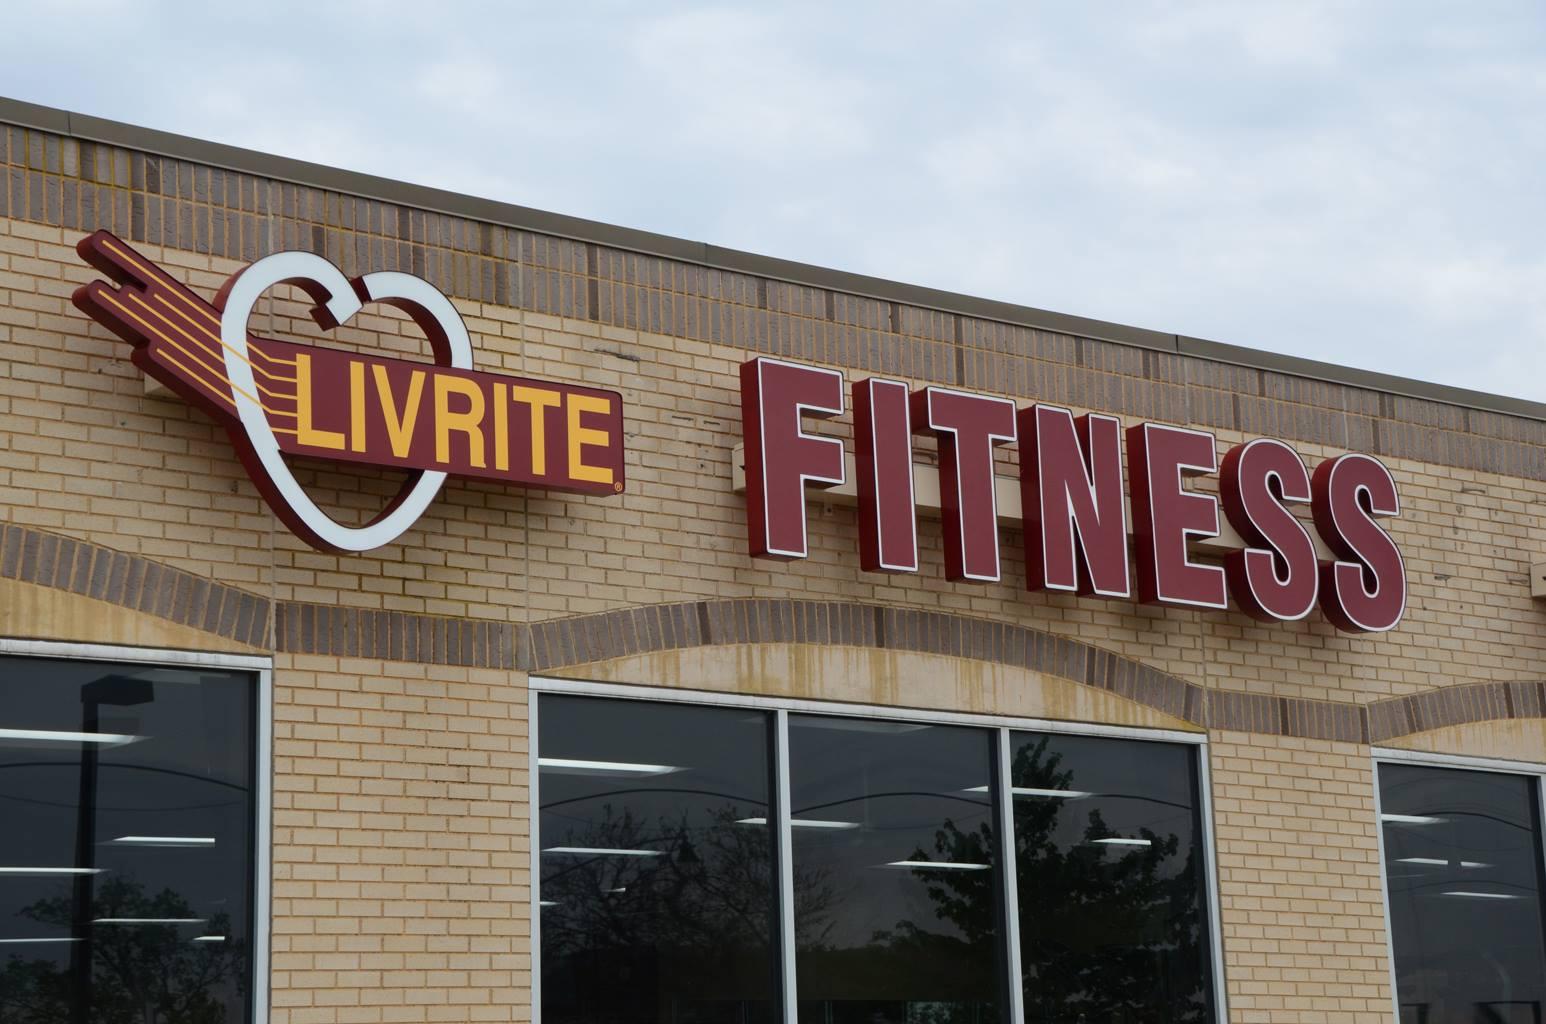 Join LivRite Fitness